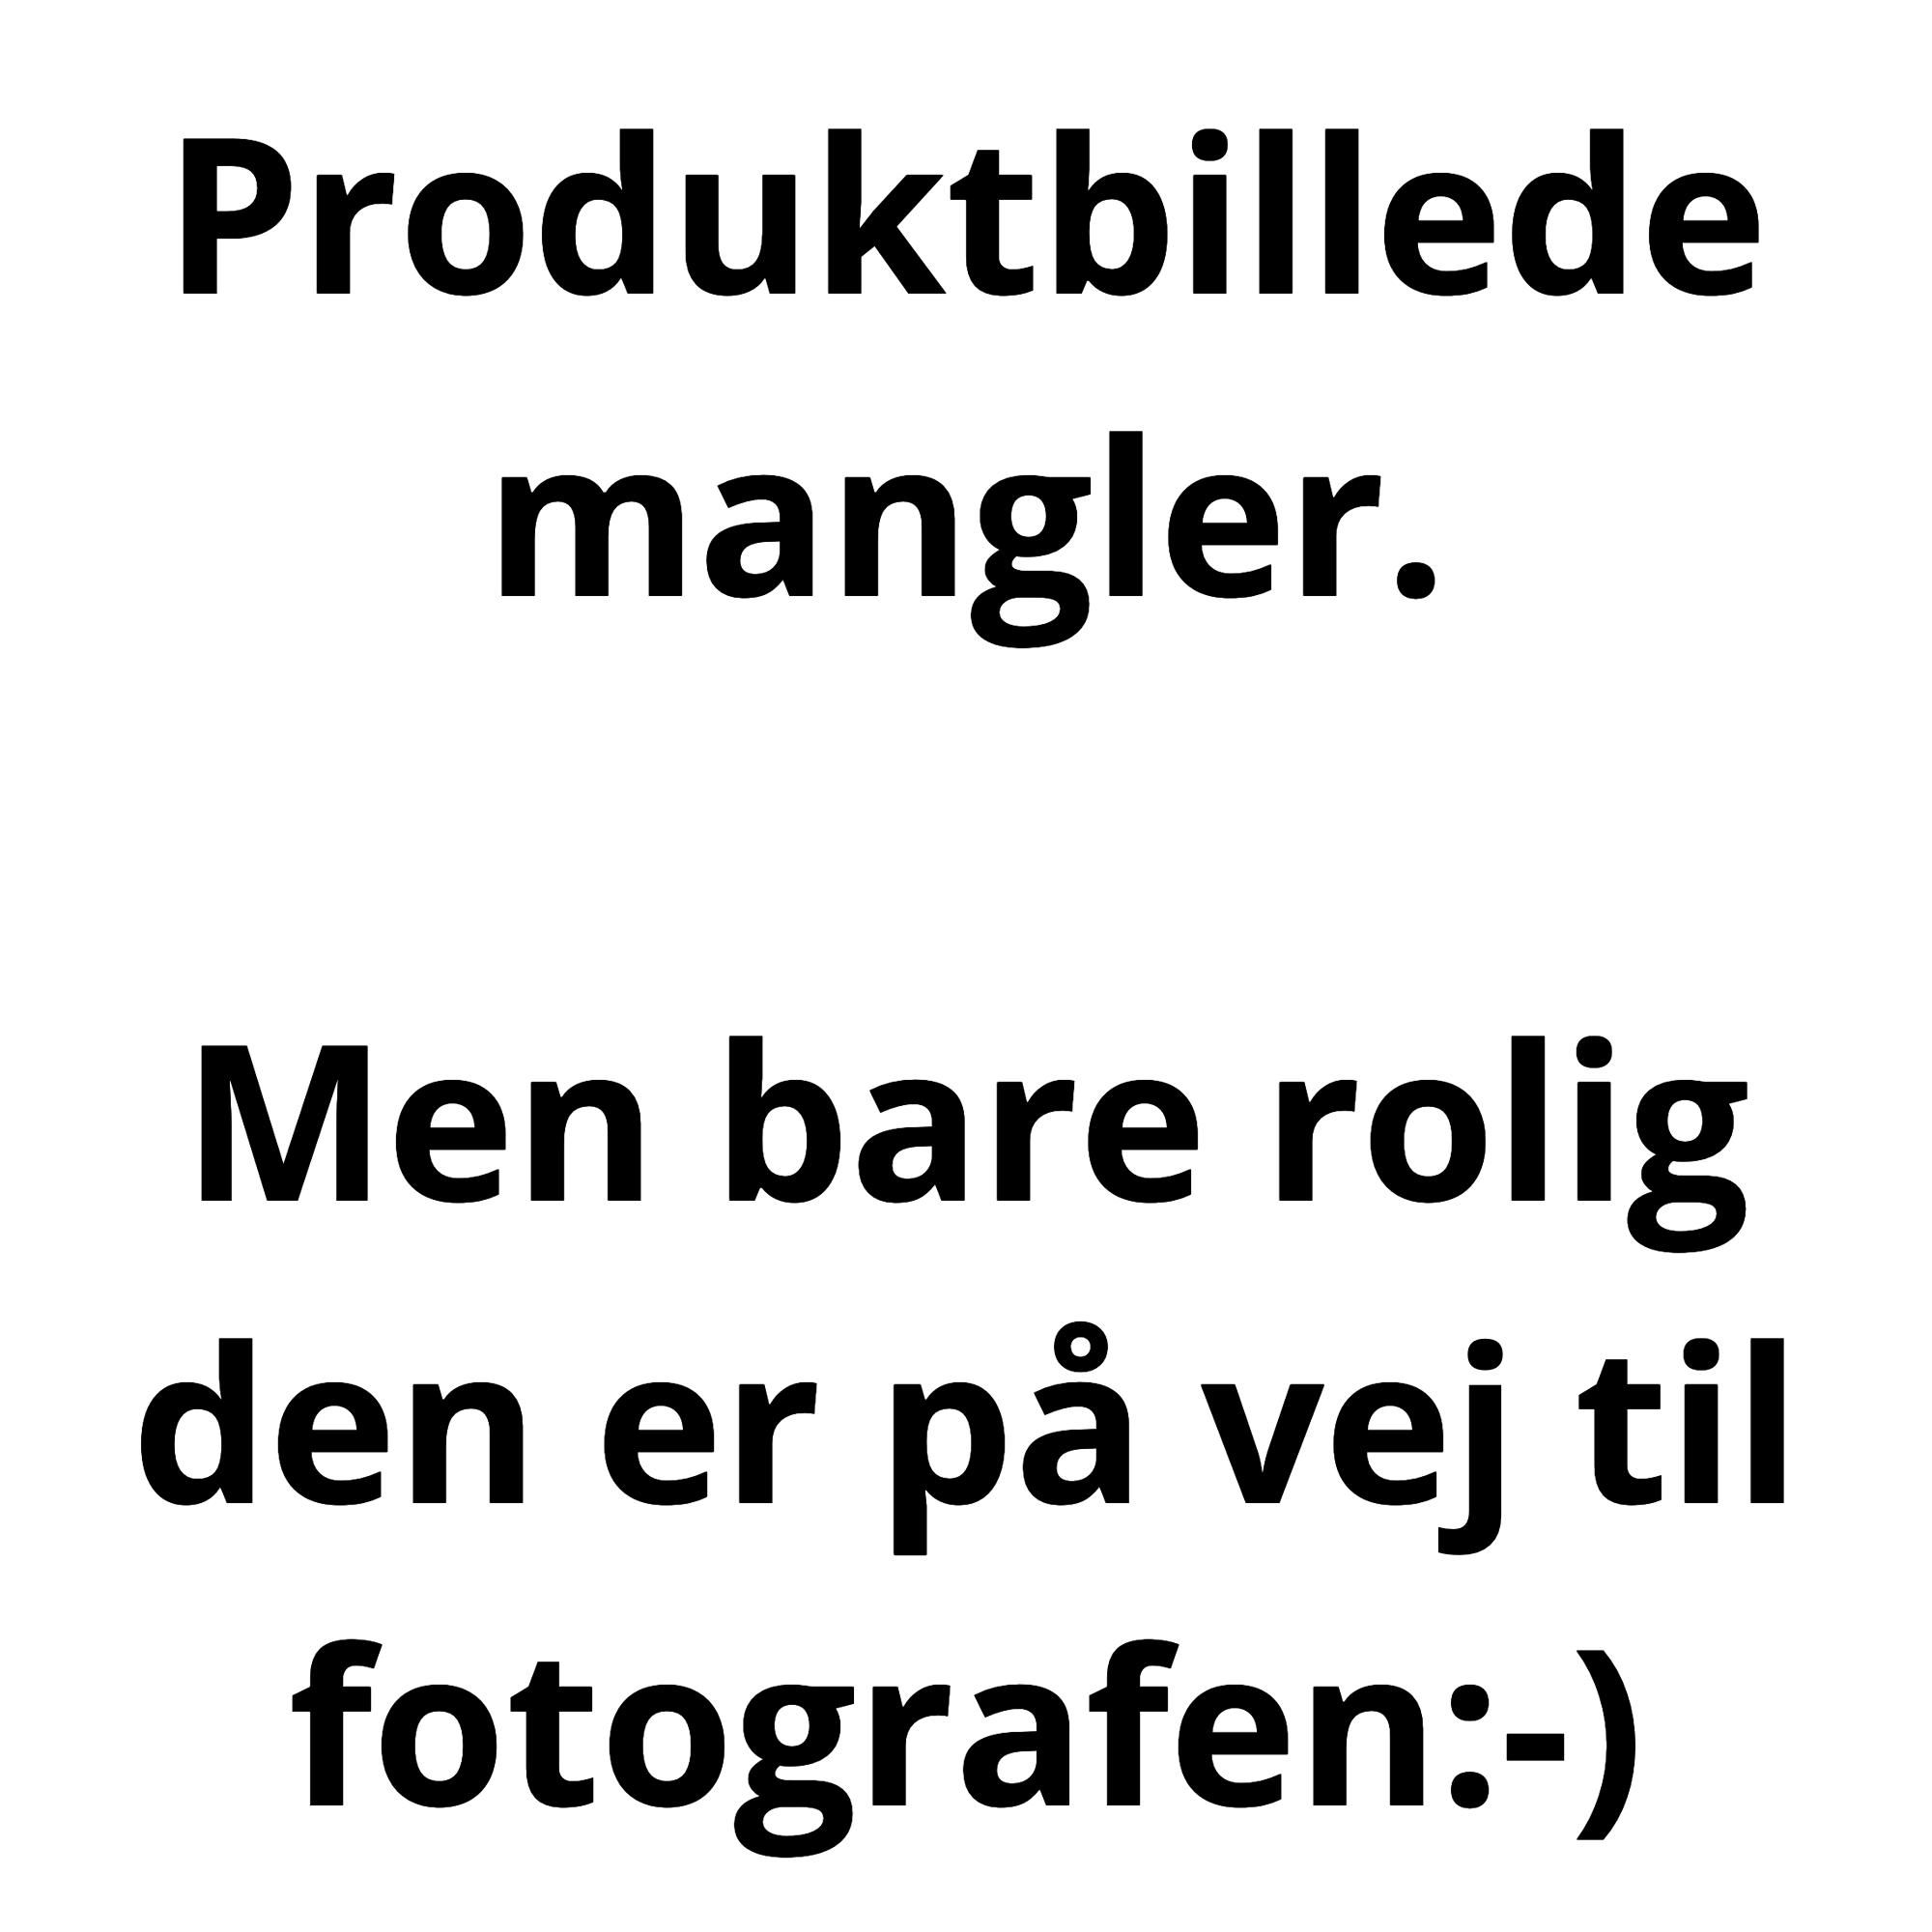 Brodit Aktiv Mobilholder til Apple iPhone 3G/3GS/4/4S m. el. u. Beskyttelsescover - 521410